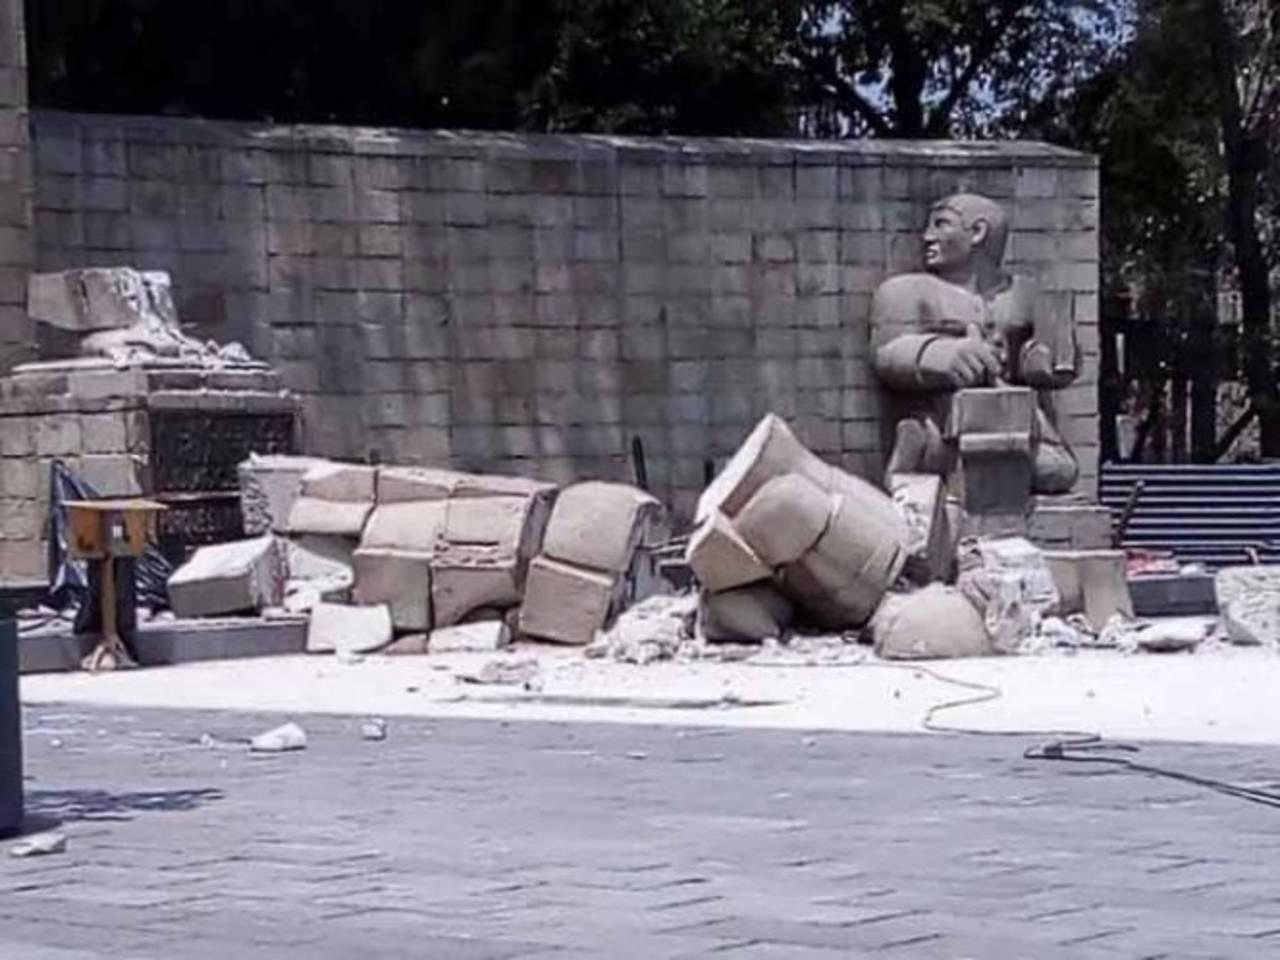 Sismo colapsa escultura a la madre